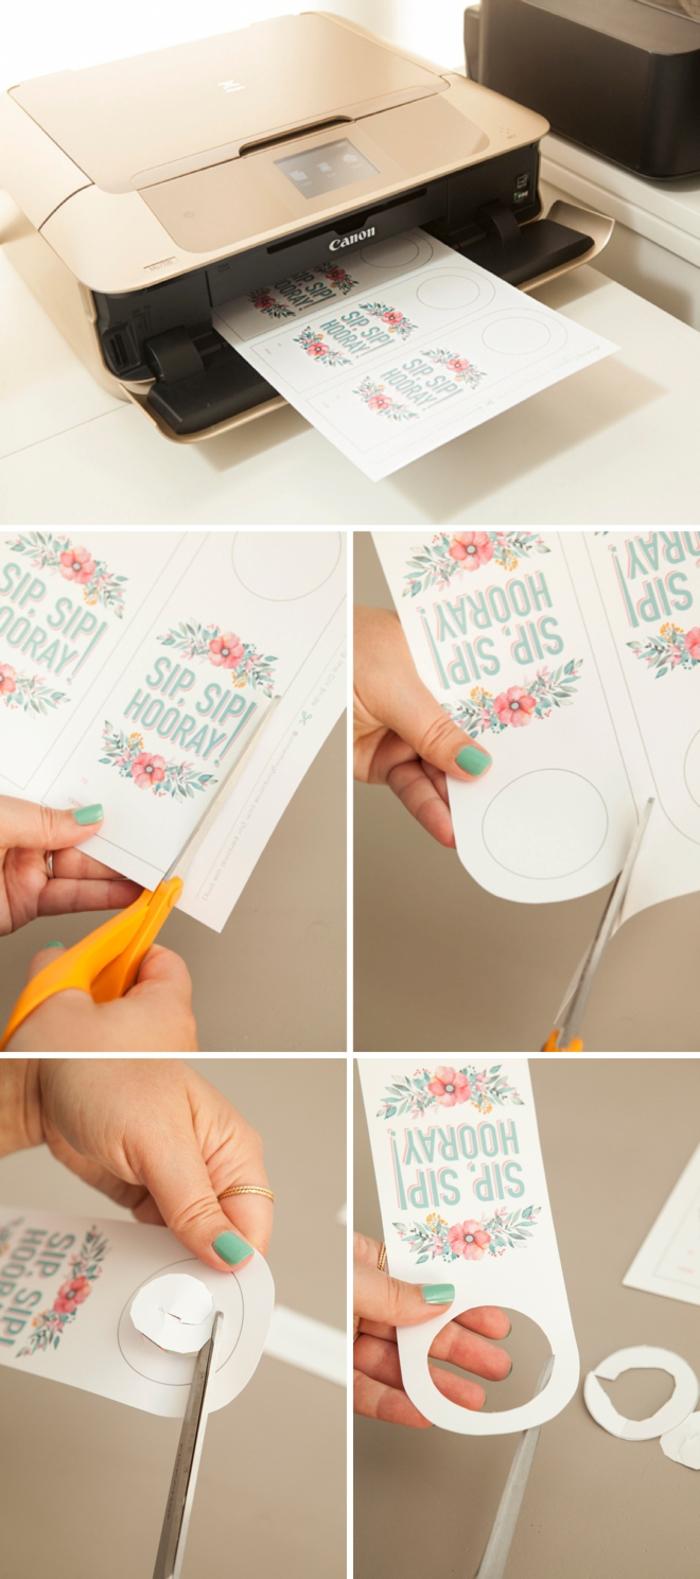 etichette-personalizzate-per-bottiglie-di-vino-stampa-printer-scritta-disegno-forbici-ritagliare